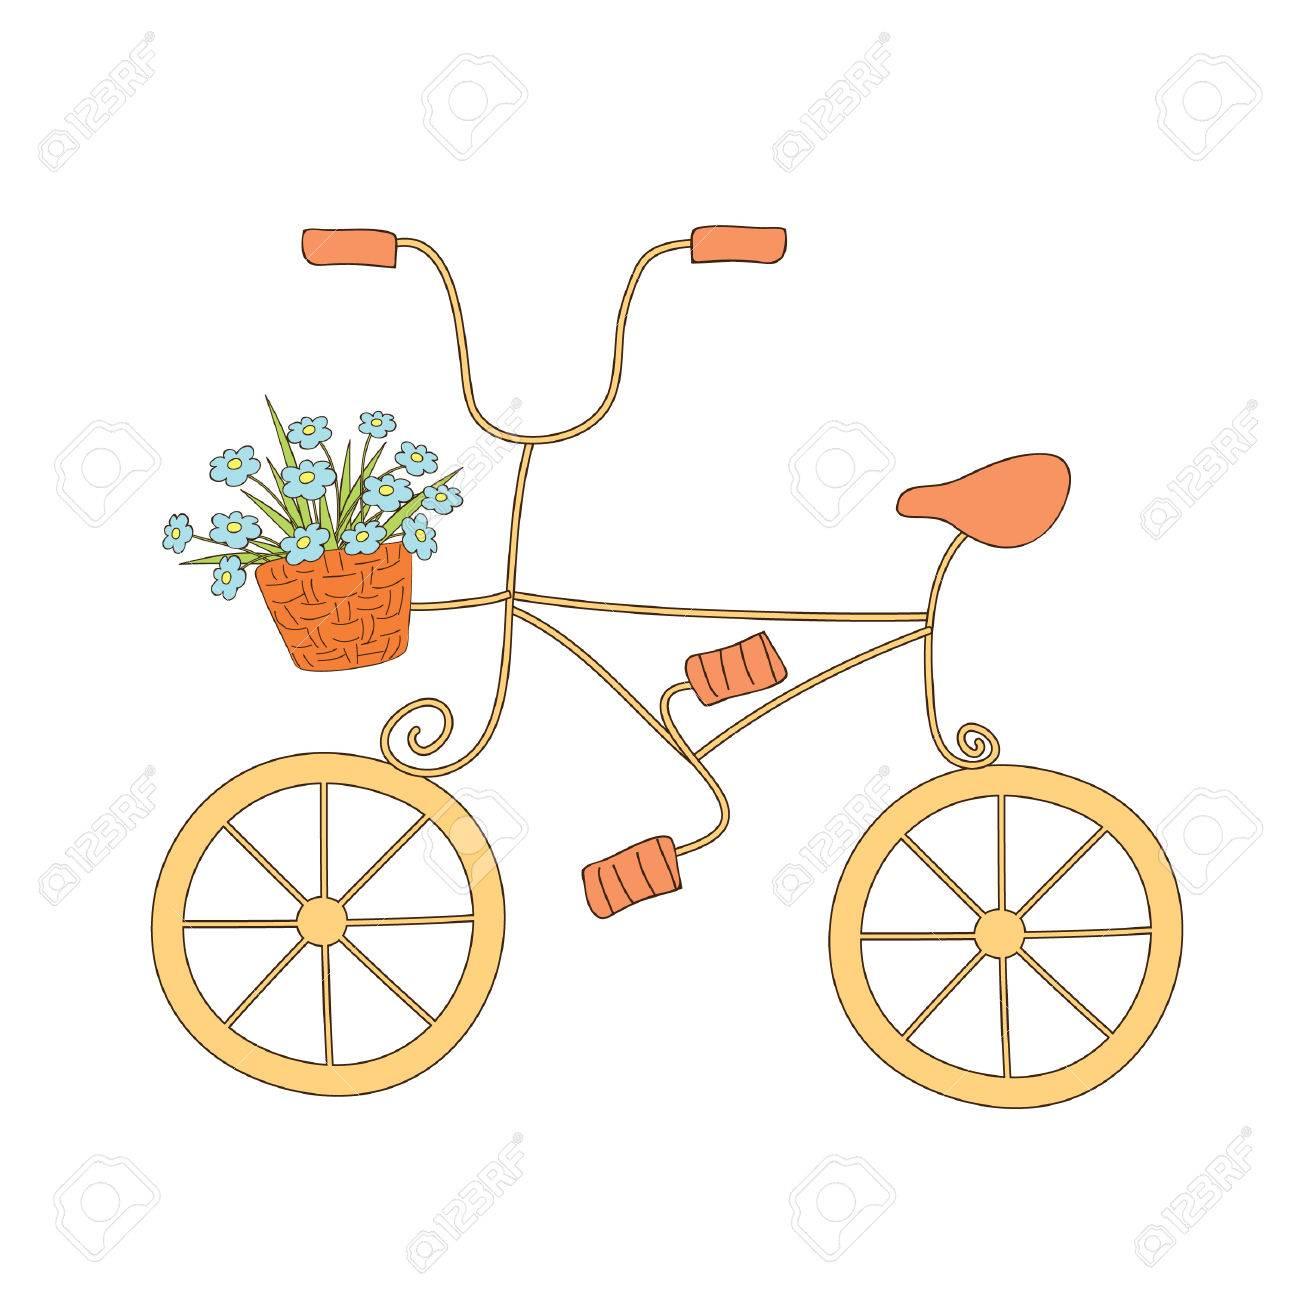 自転車のかわいいイラストのイラスト素材ベクタ Image 7386589